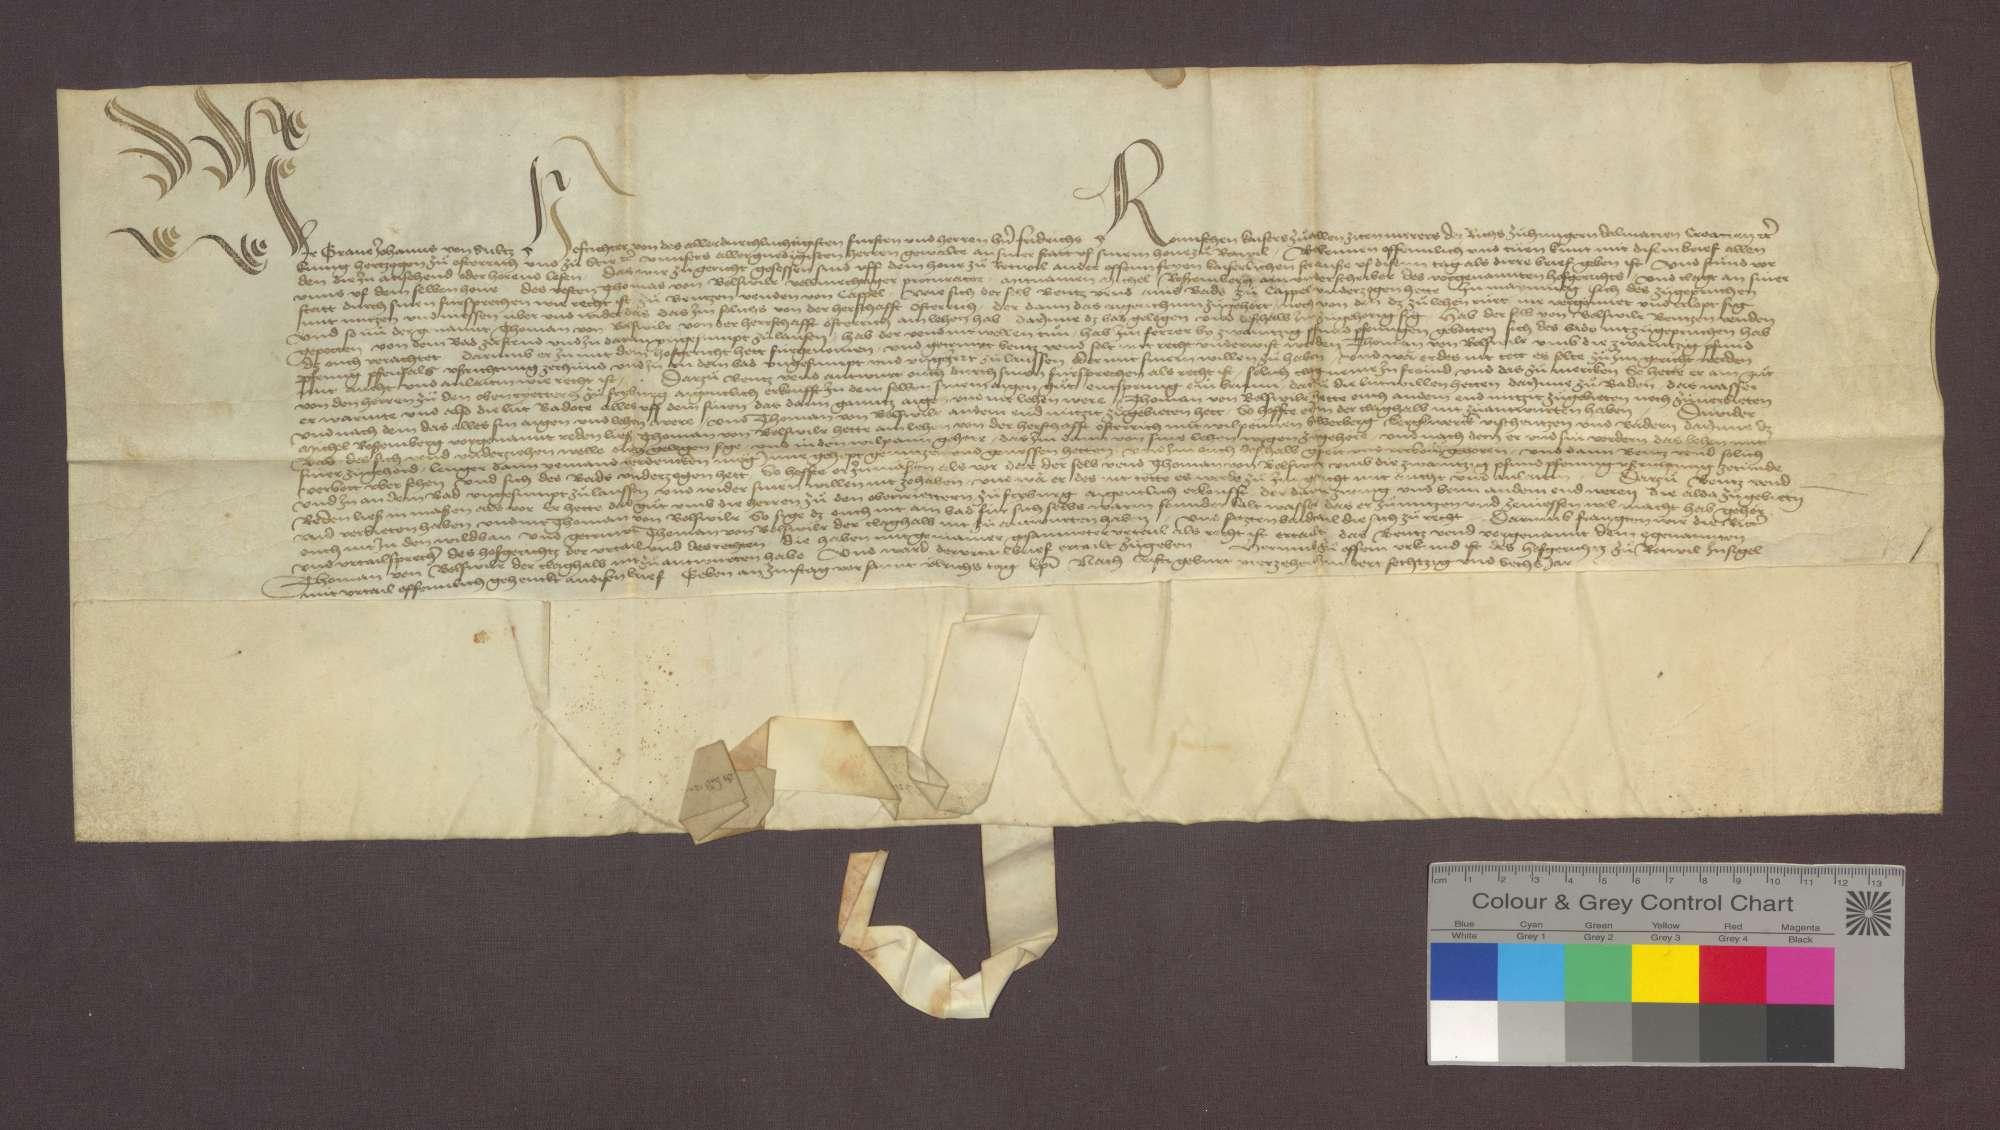 Das Hofgericht zu Rottweil unter dem Vorsitz des Grafen Johann von Sülz entscheidet in der Klagsache des Thomas von Bollschweil gegen Bentz Vend wegen der von Thomas von Bollschweil geforderten Abstellung eines von Vend eröffneten Bades in Kappel zu Recht, dass Vend sich der Klage halber nicht zu antworten habe., Bild 1